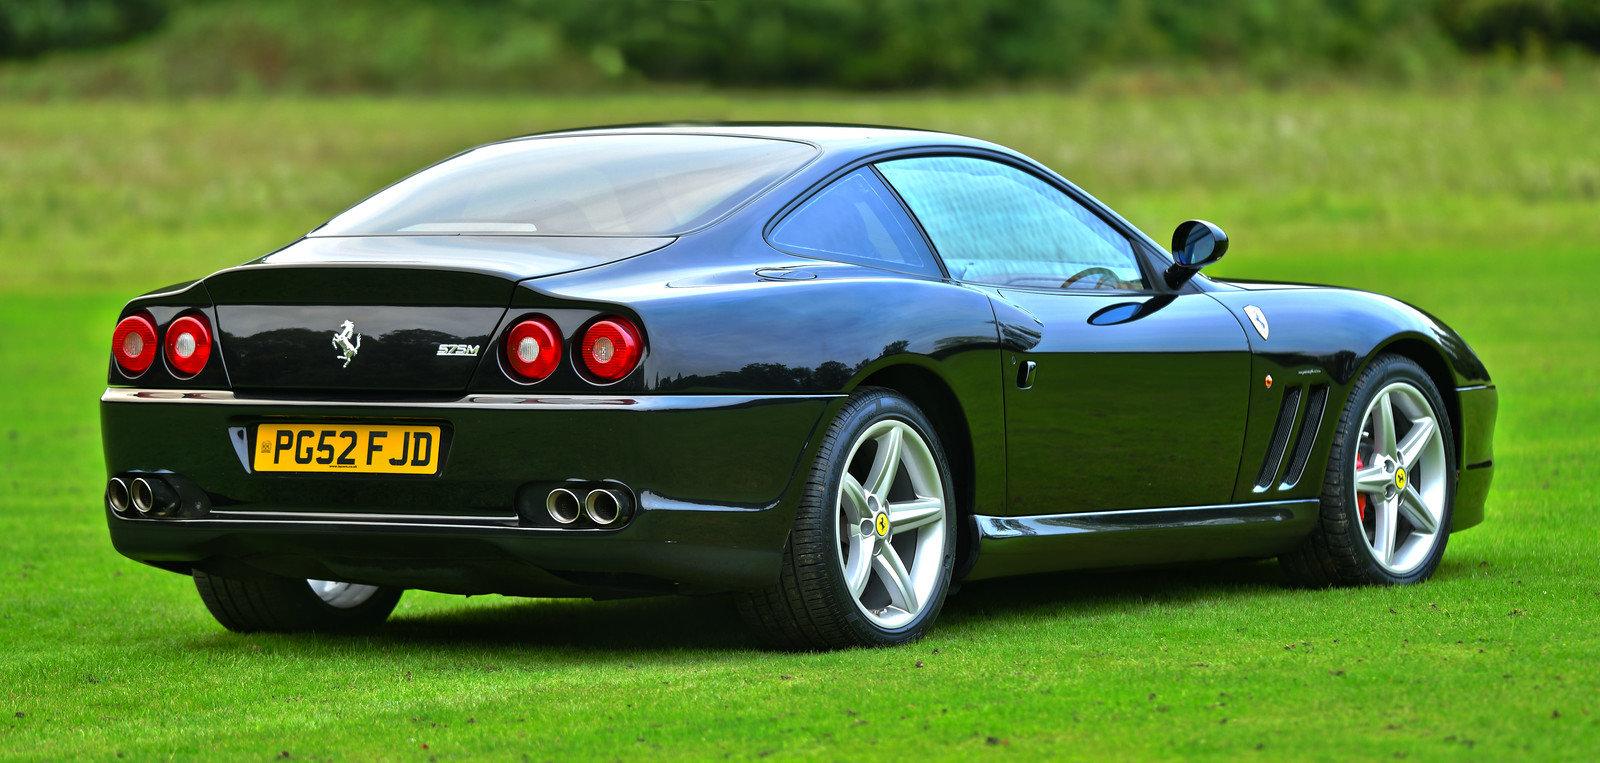 2003 Ferrari 575M Maranello F1 'Fiorano' (LHD) For Sale (picture 3 of 6)